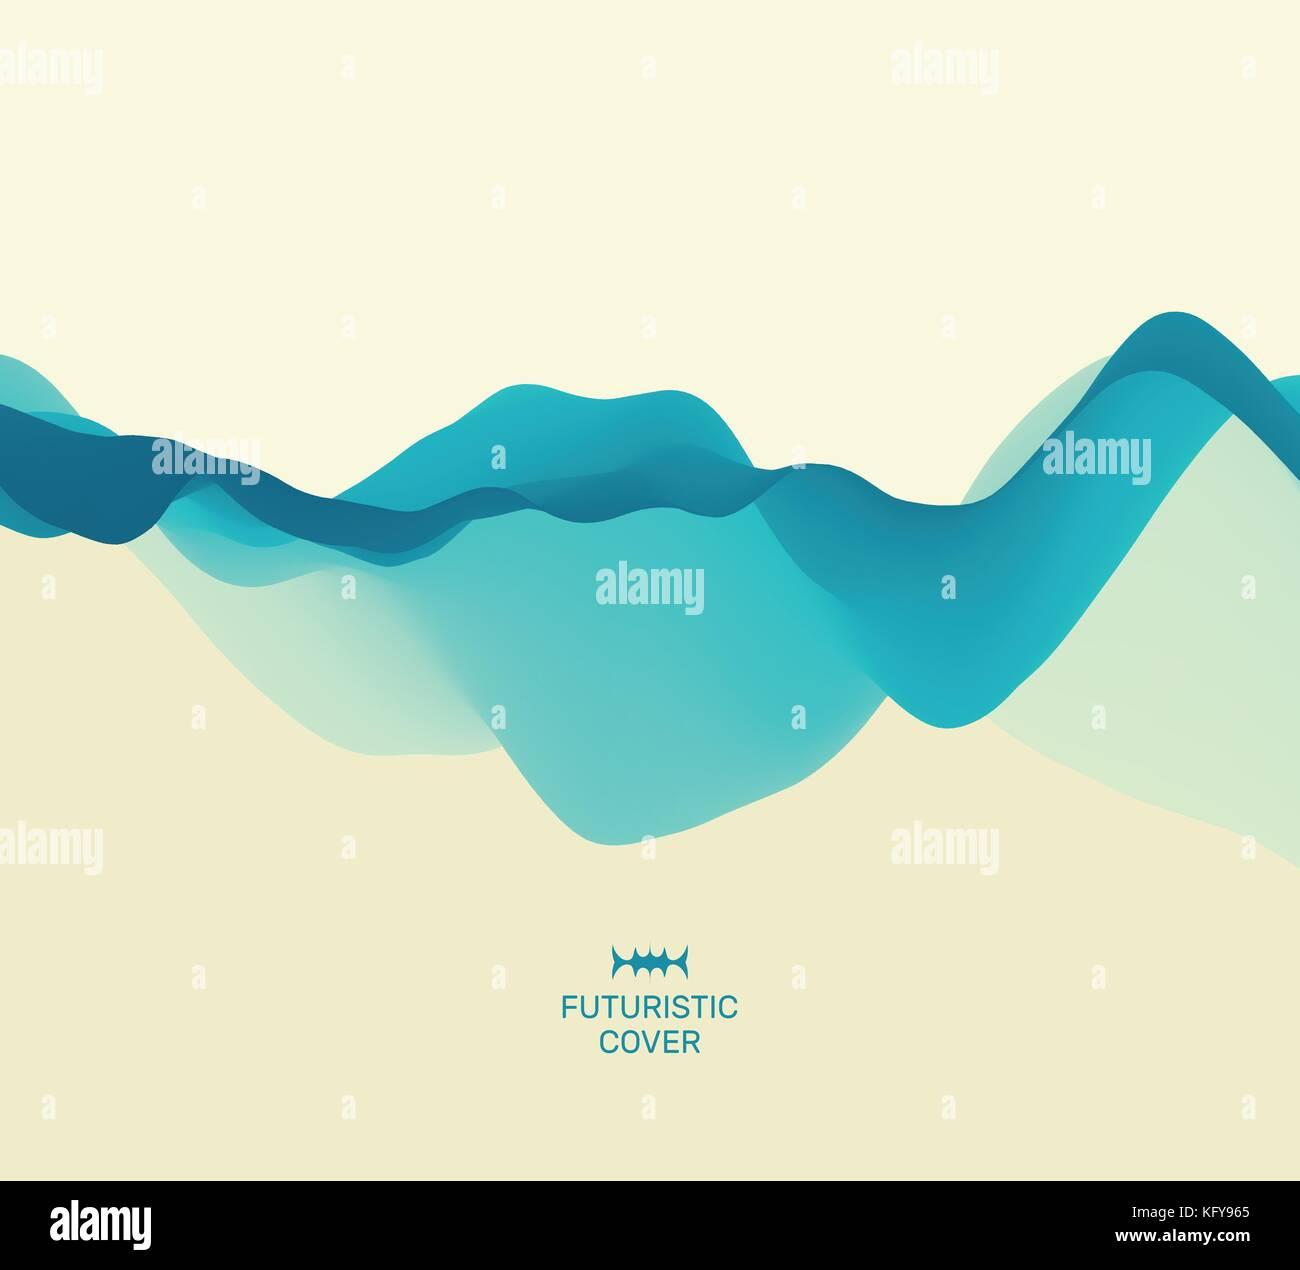 Abstract sfondo con onde. effetto dinamico. 3d illustrazione vettoriale. Design modello. Immagini Stock